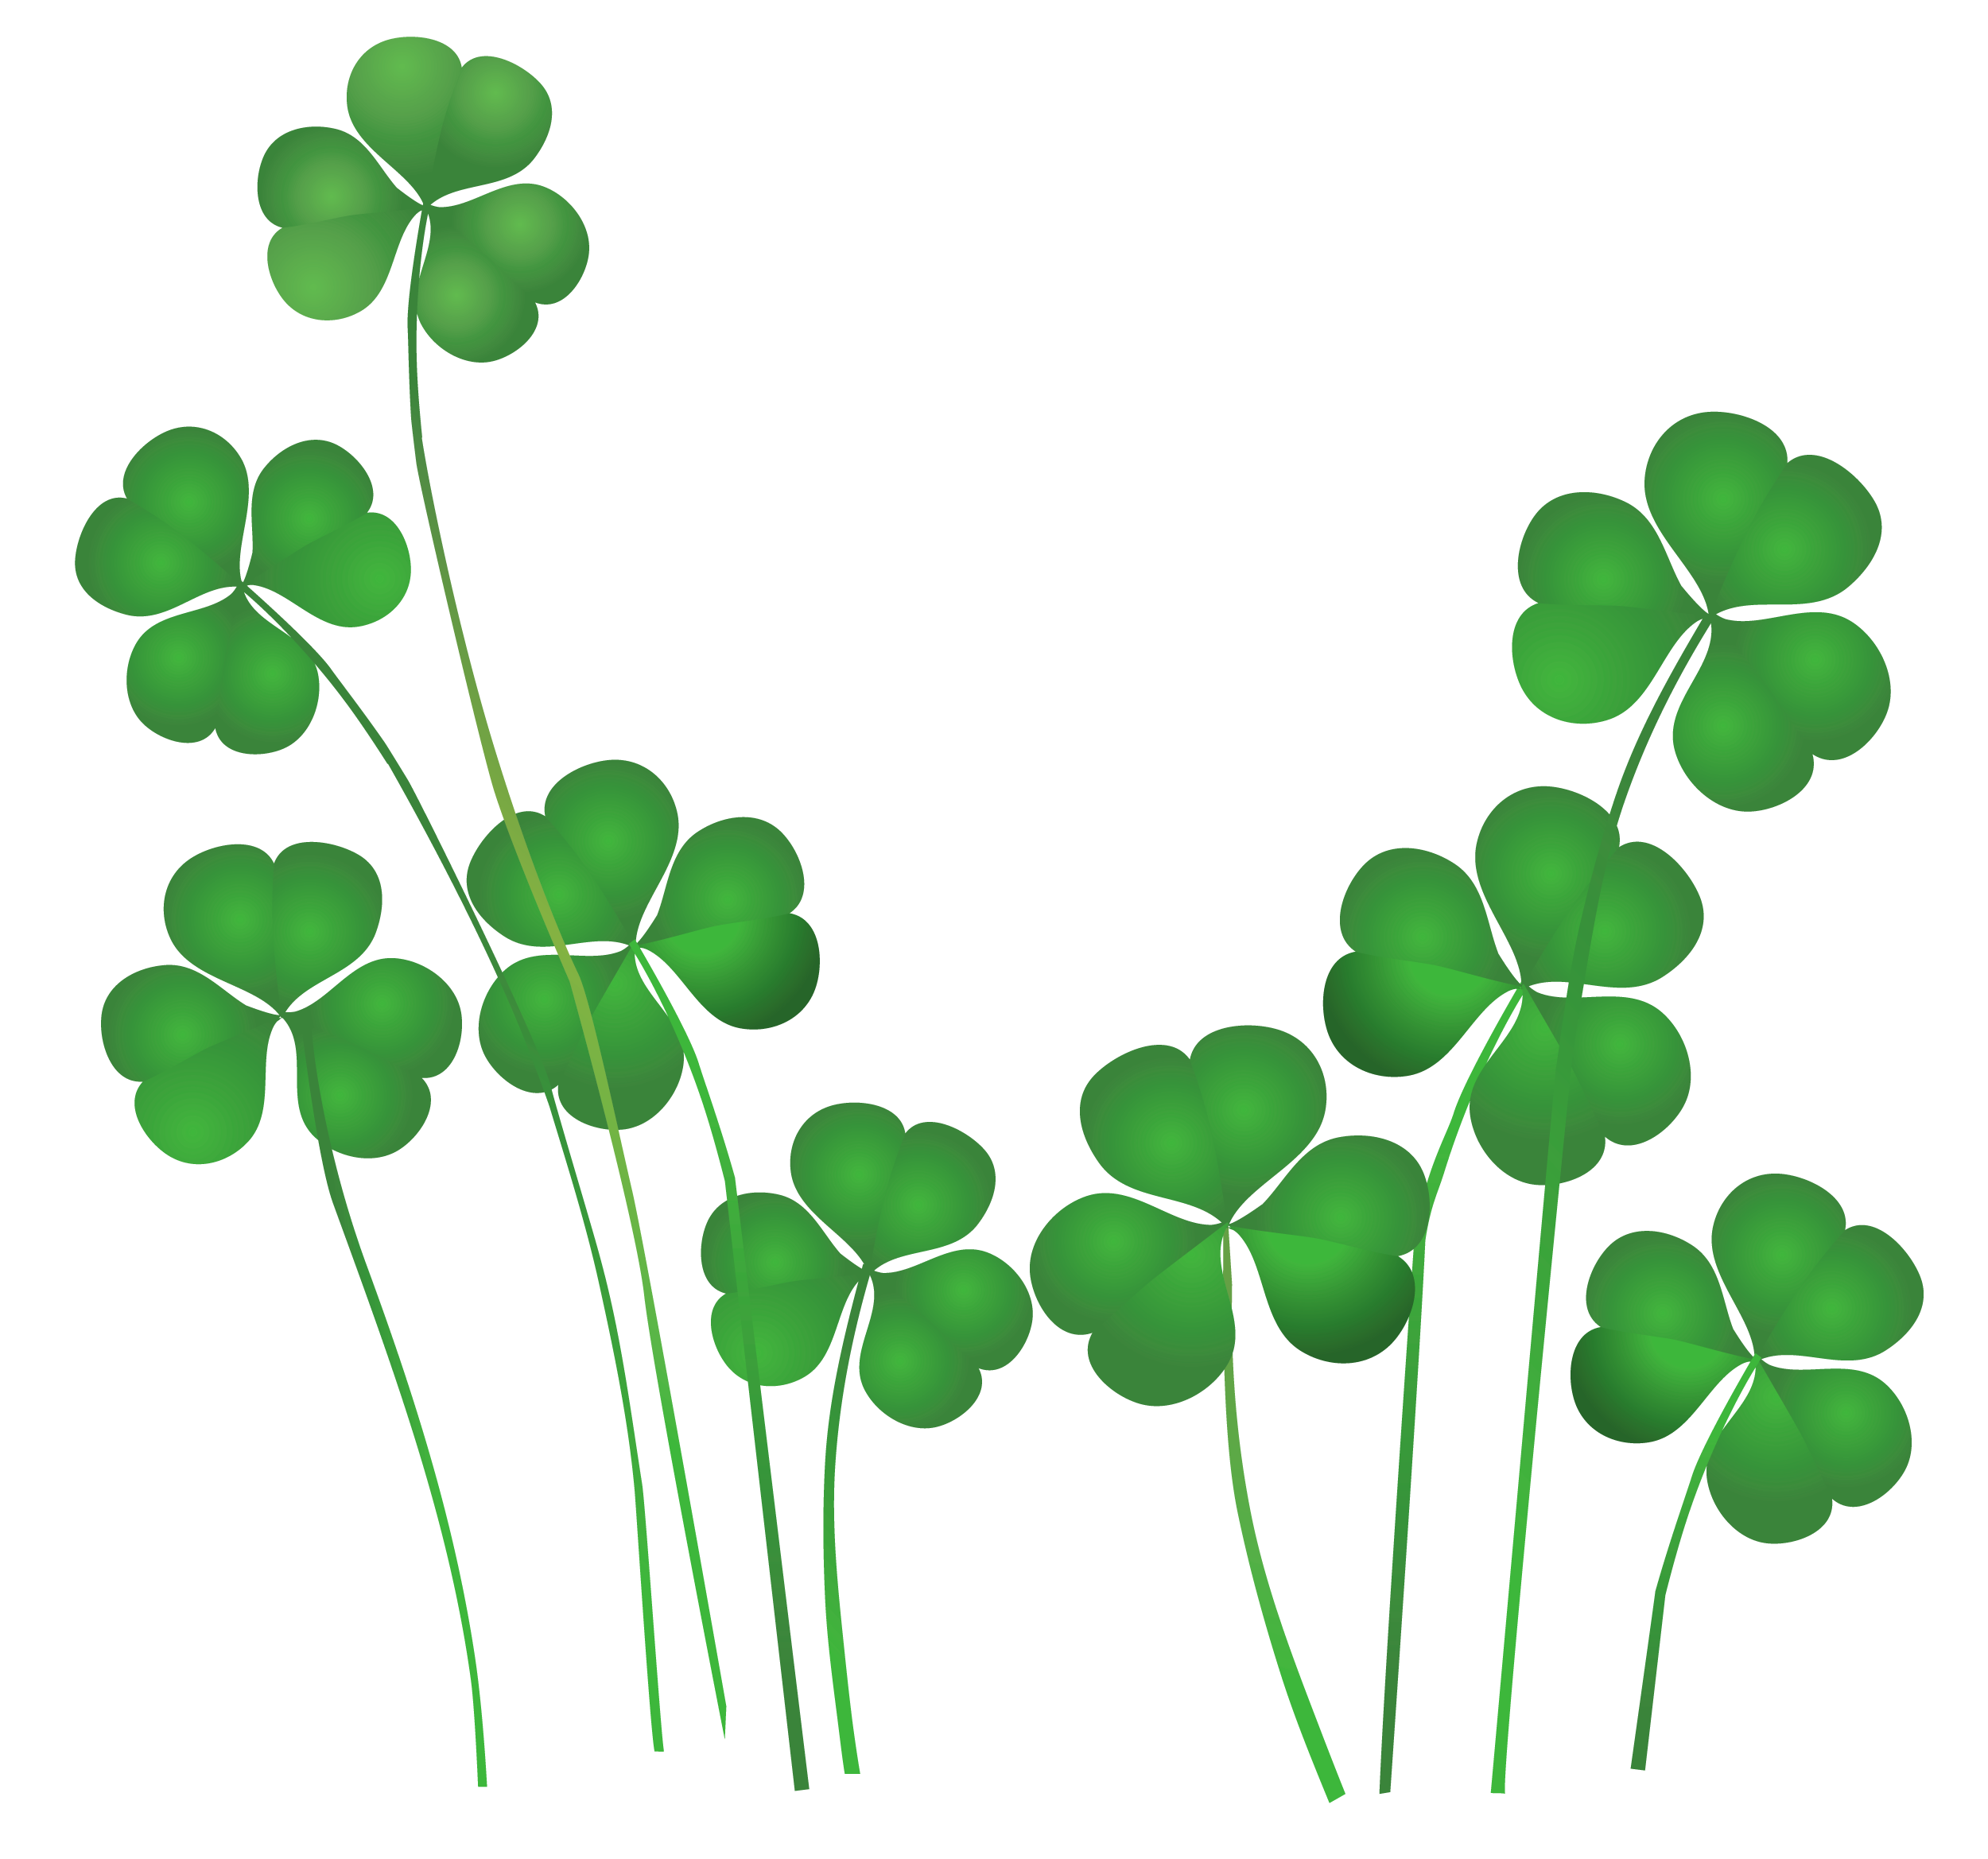 St patricks pictures clipart svg transparent download Free Images St Patricks Day, Download Free Clip Art, Free ... svg transparent download